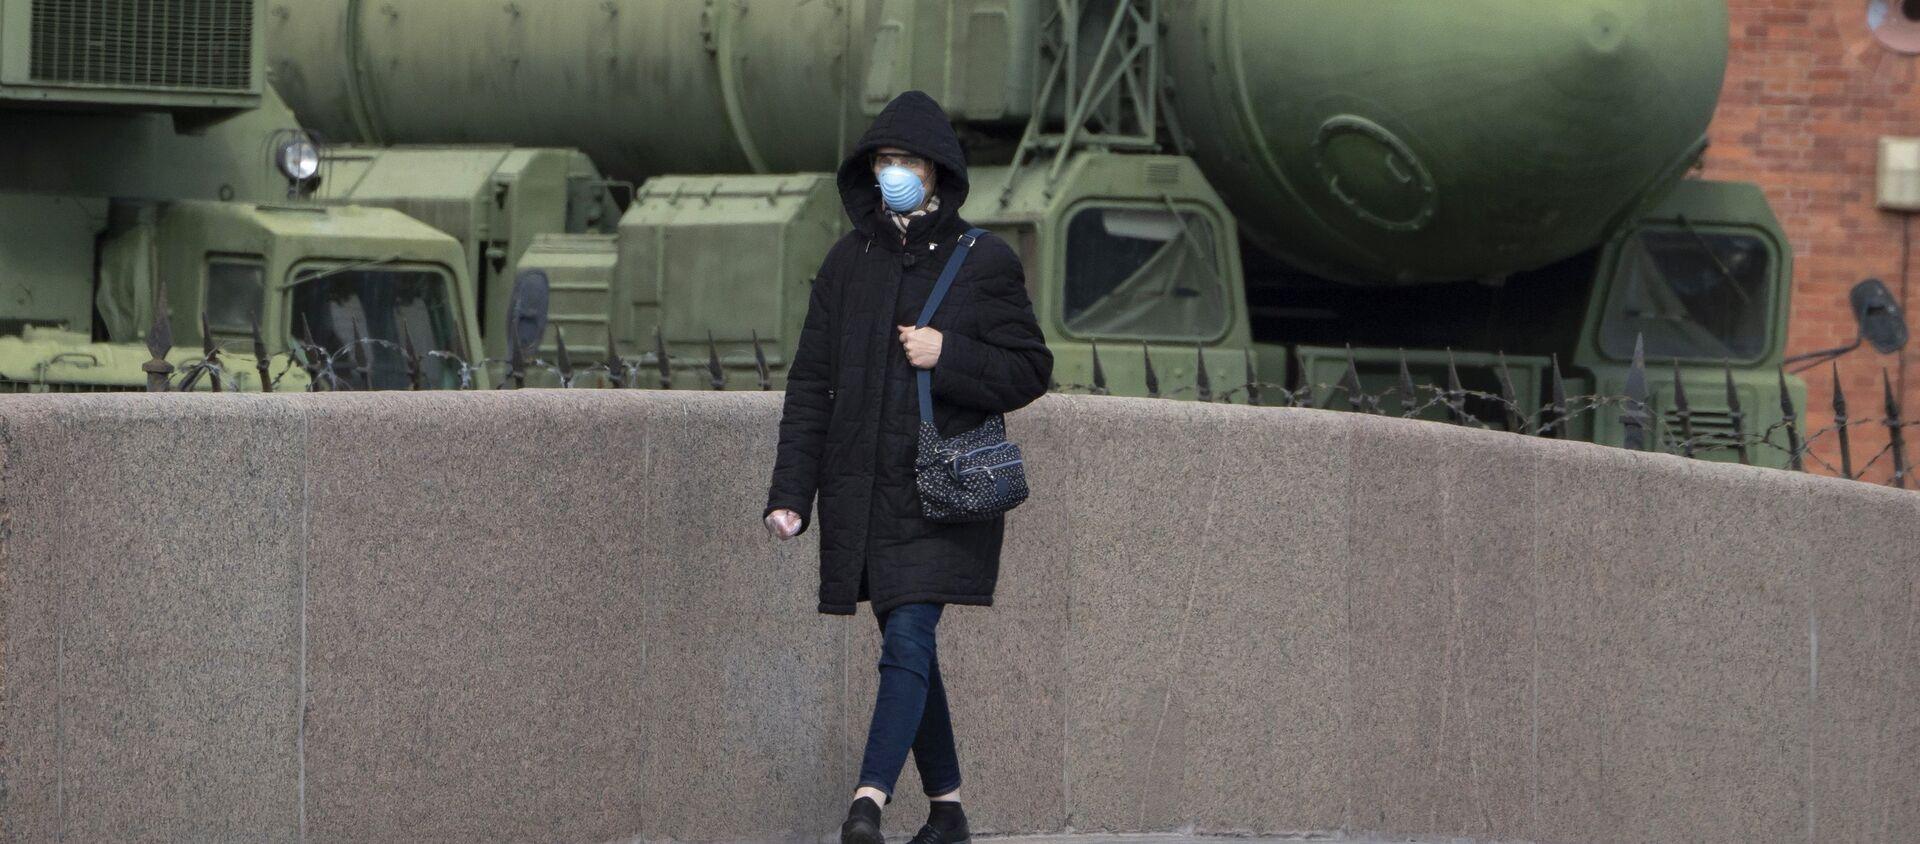 Женщина в маске проходит мимо российской межконтинентальной пусковой установки баллистических ракет «Тополь М», фото из архива - Sputnik Азербайджан, 1920, 17.02.2021